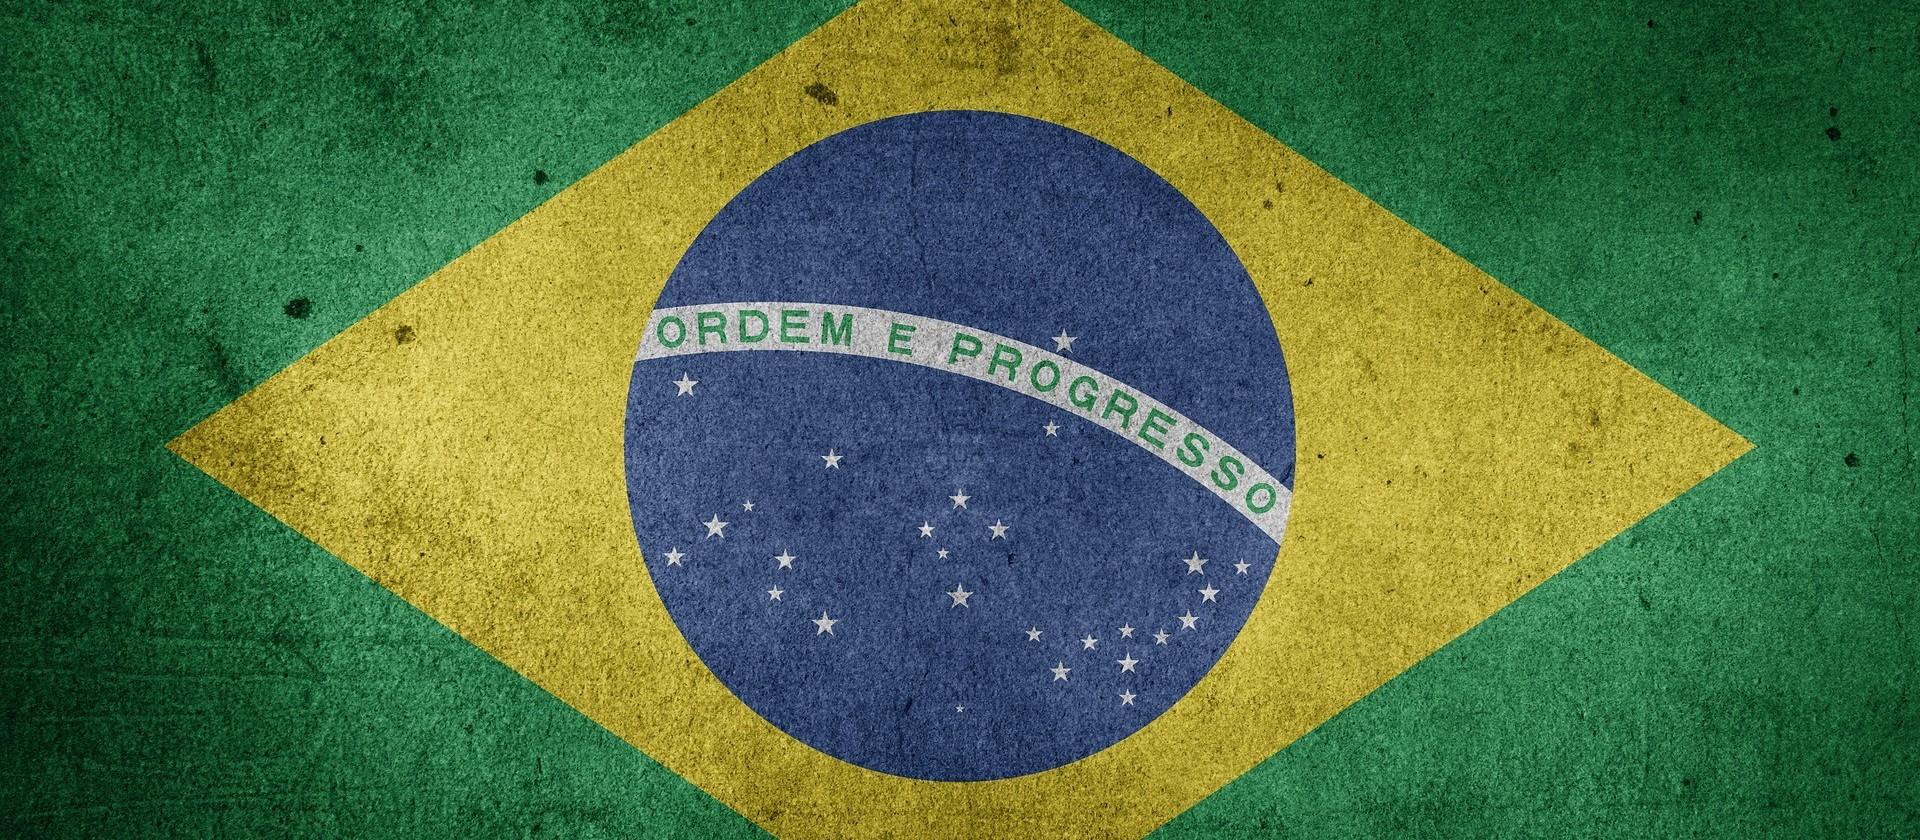 Quer conhecer o Brasil? A hora e agora.